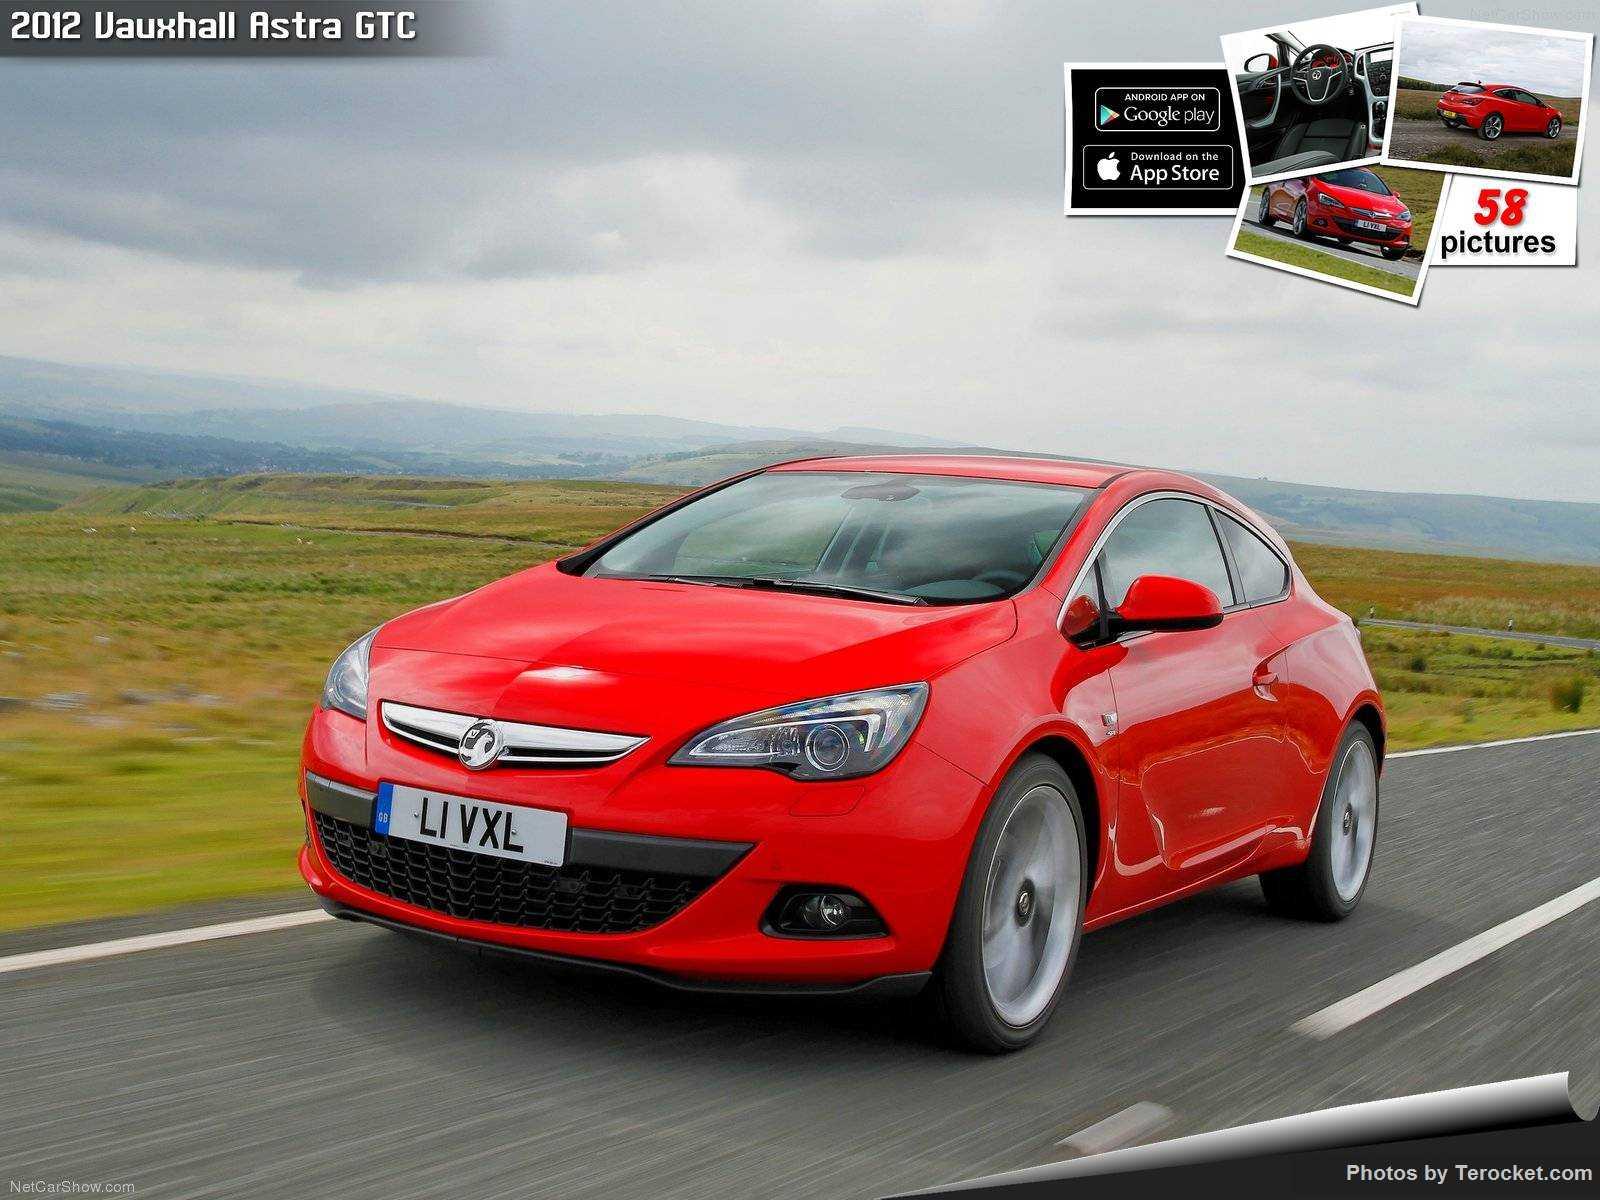 Hình ảnh xe ô tô Vauxhall Astra GTC 2012 & nội ngoại thất